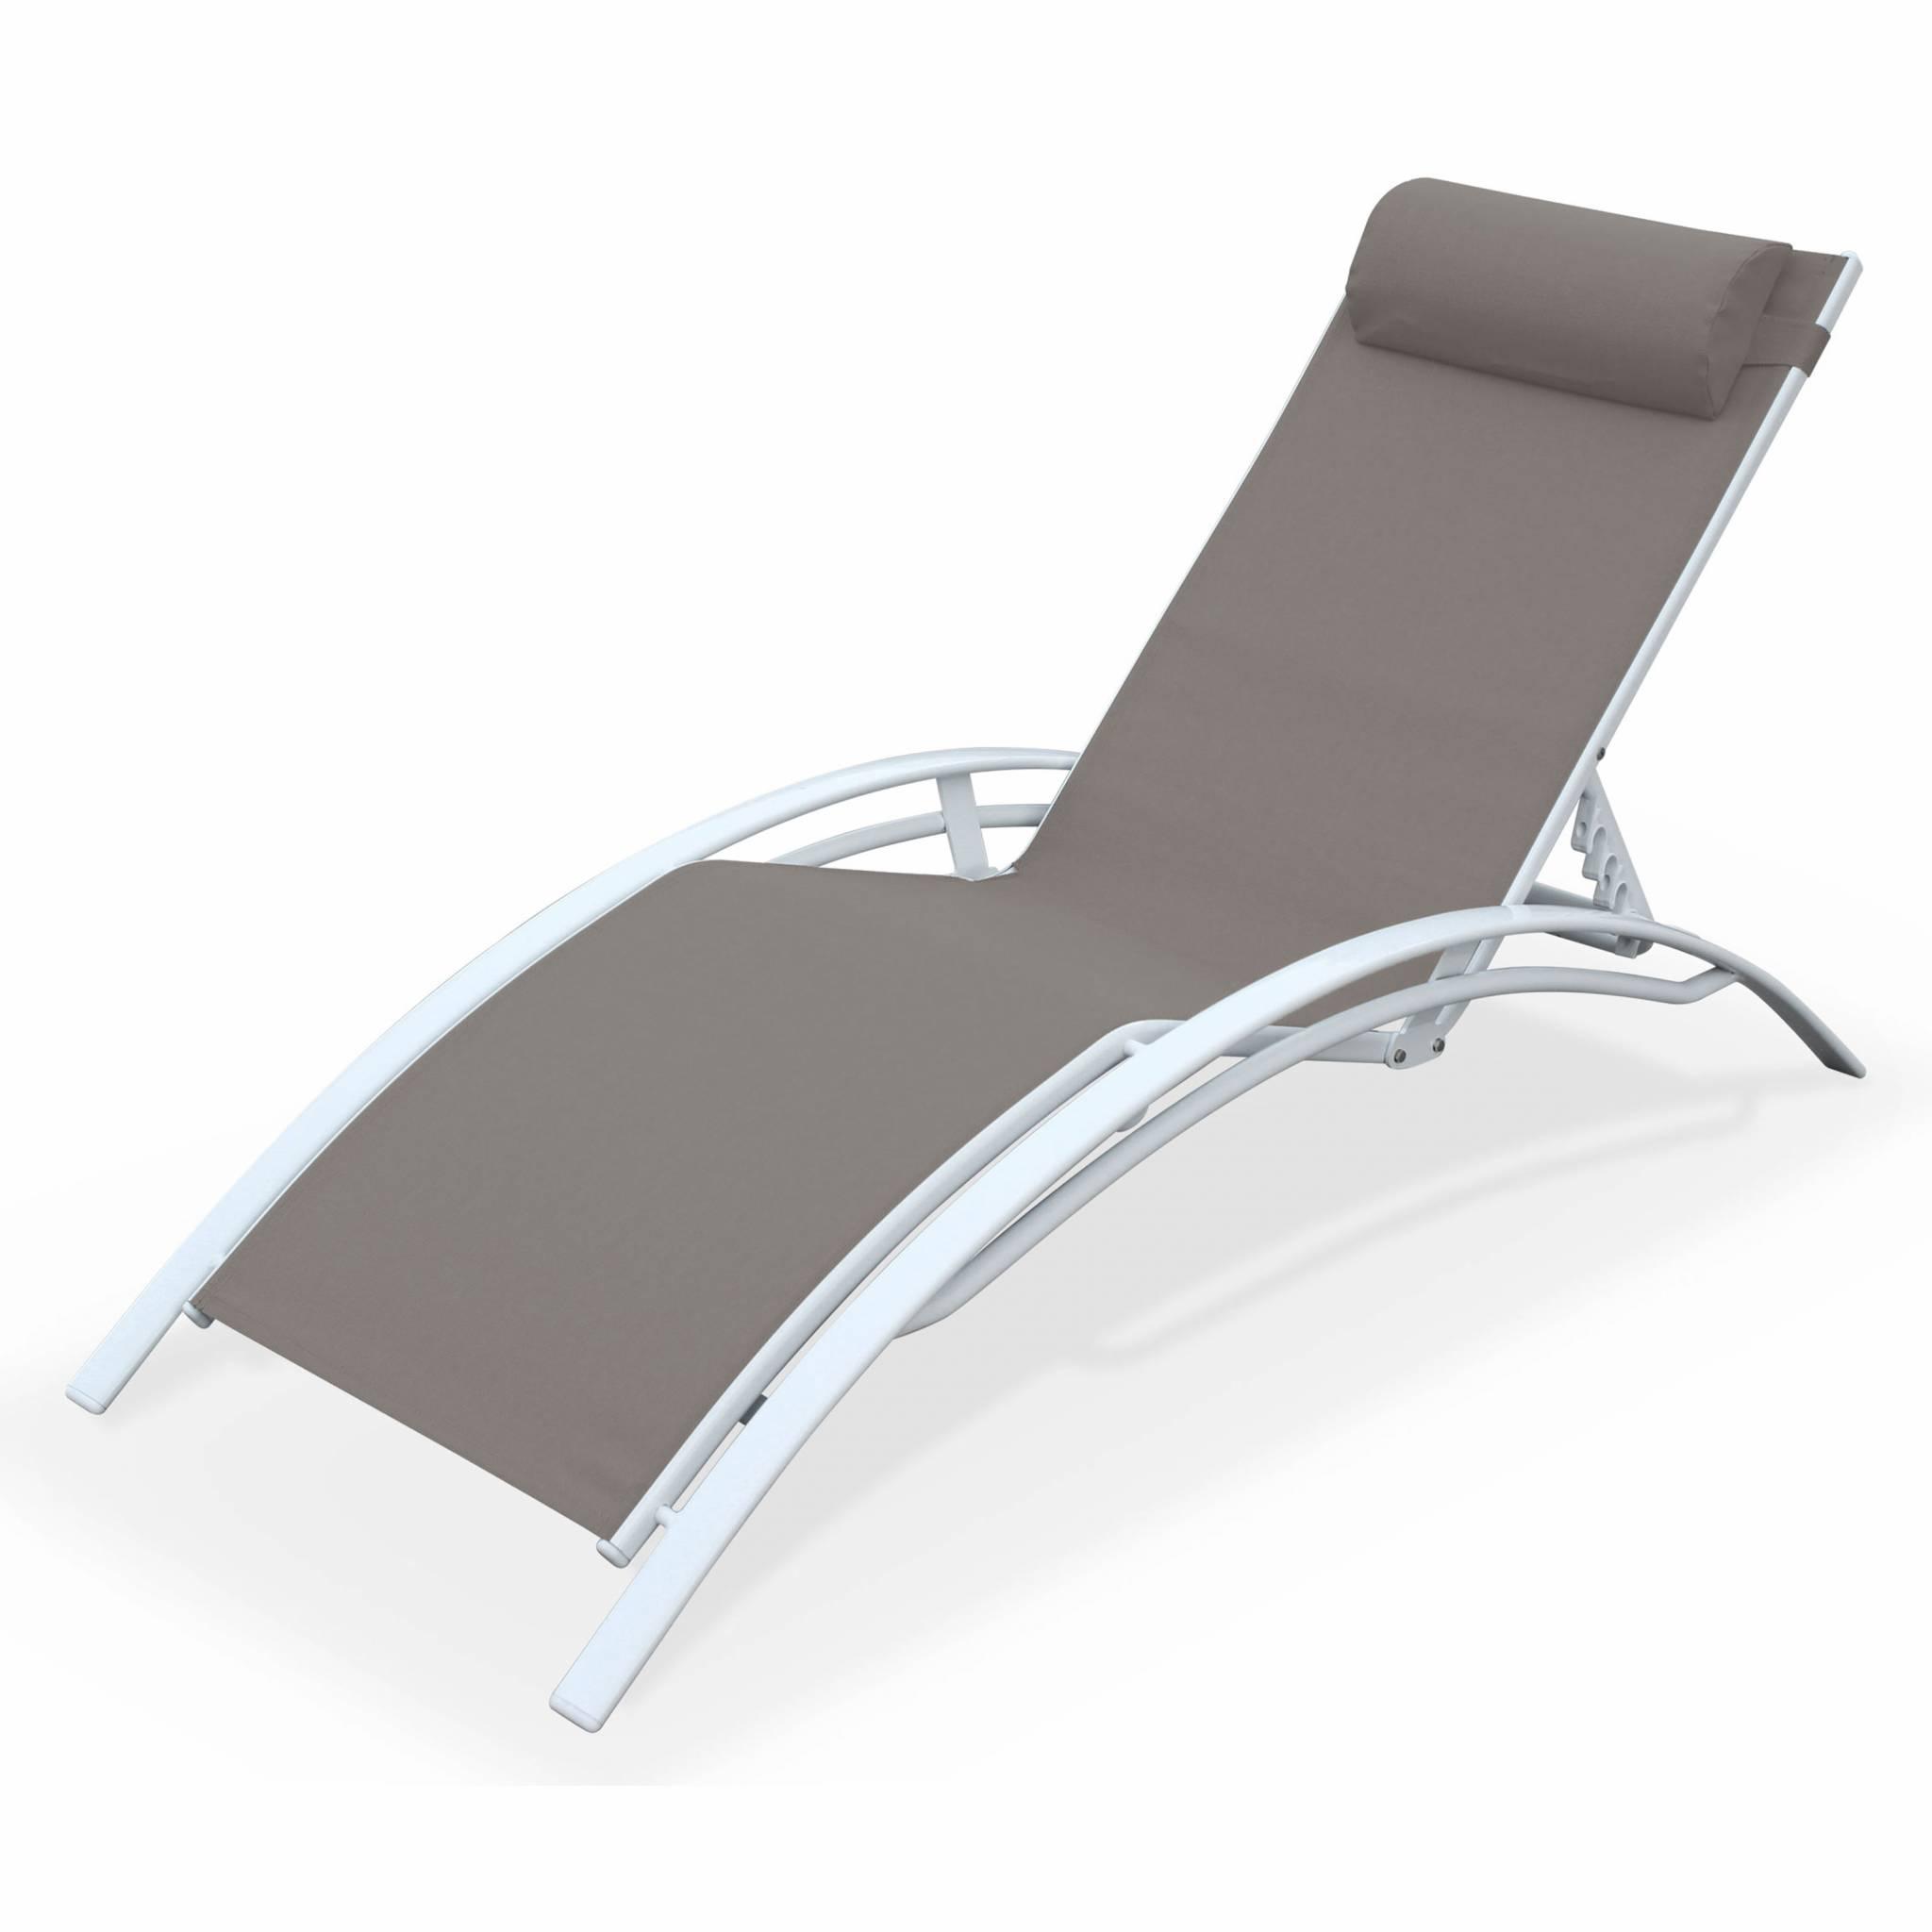 Bain de soleil en aluminium et textilène taupe et blanc